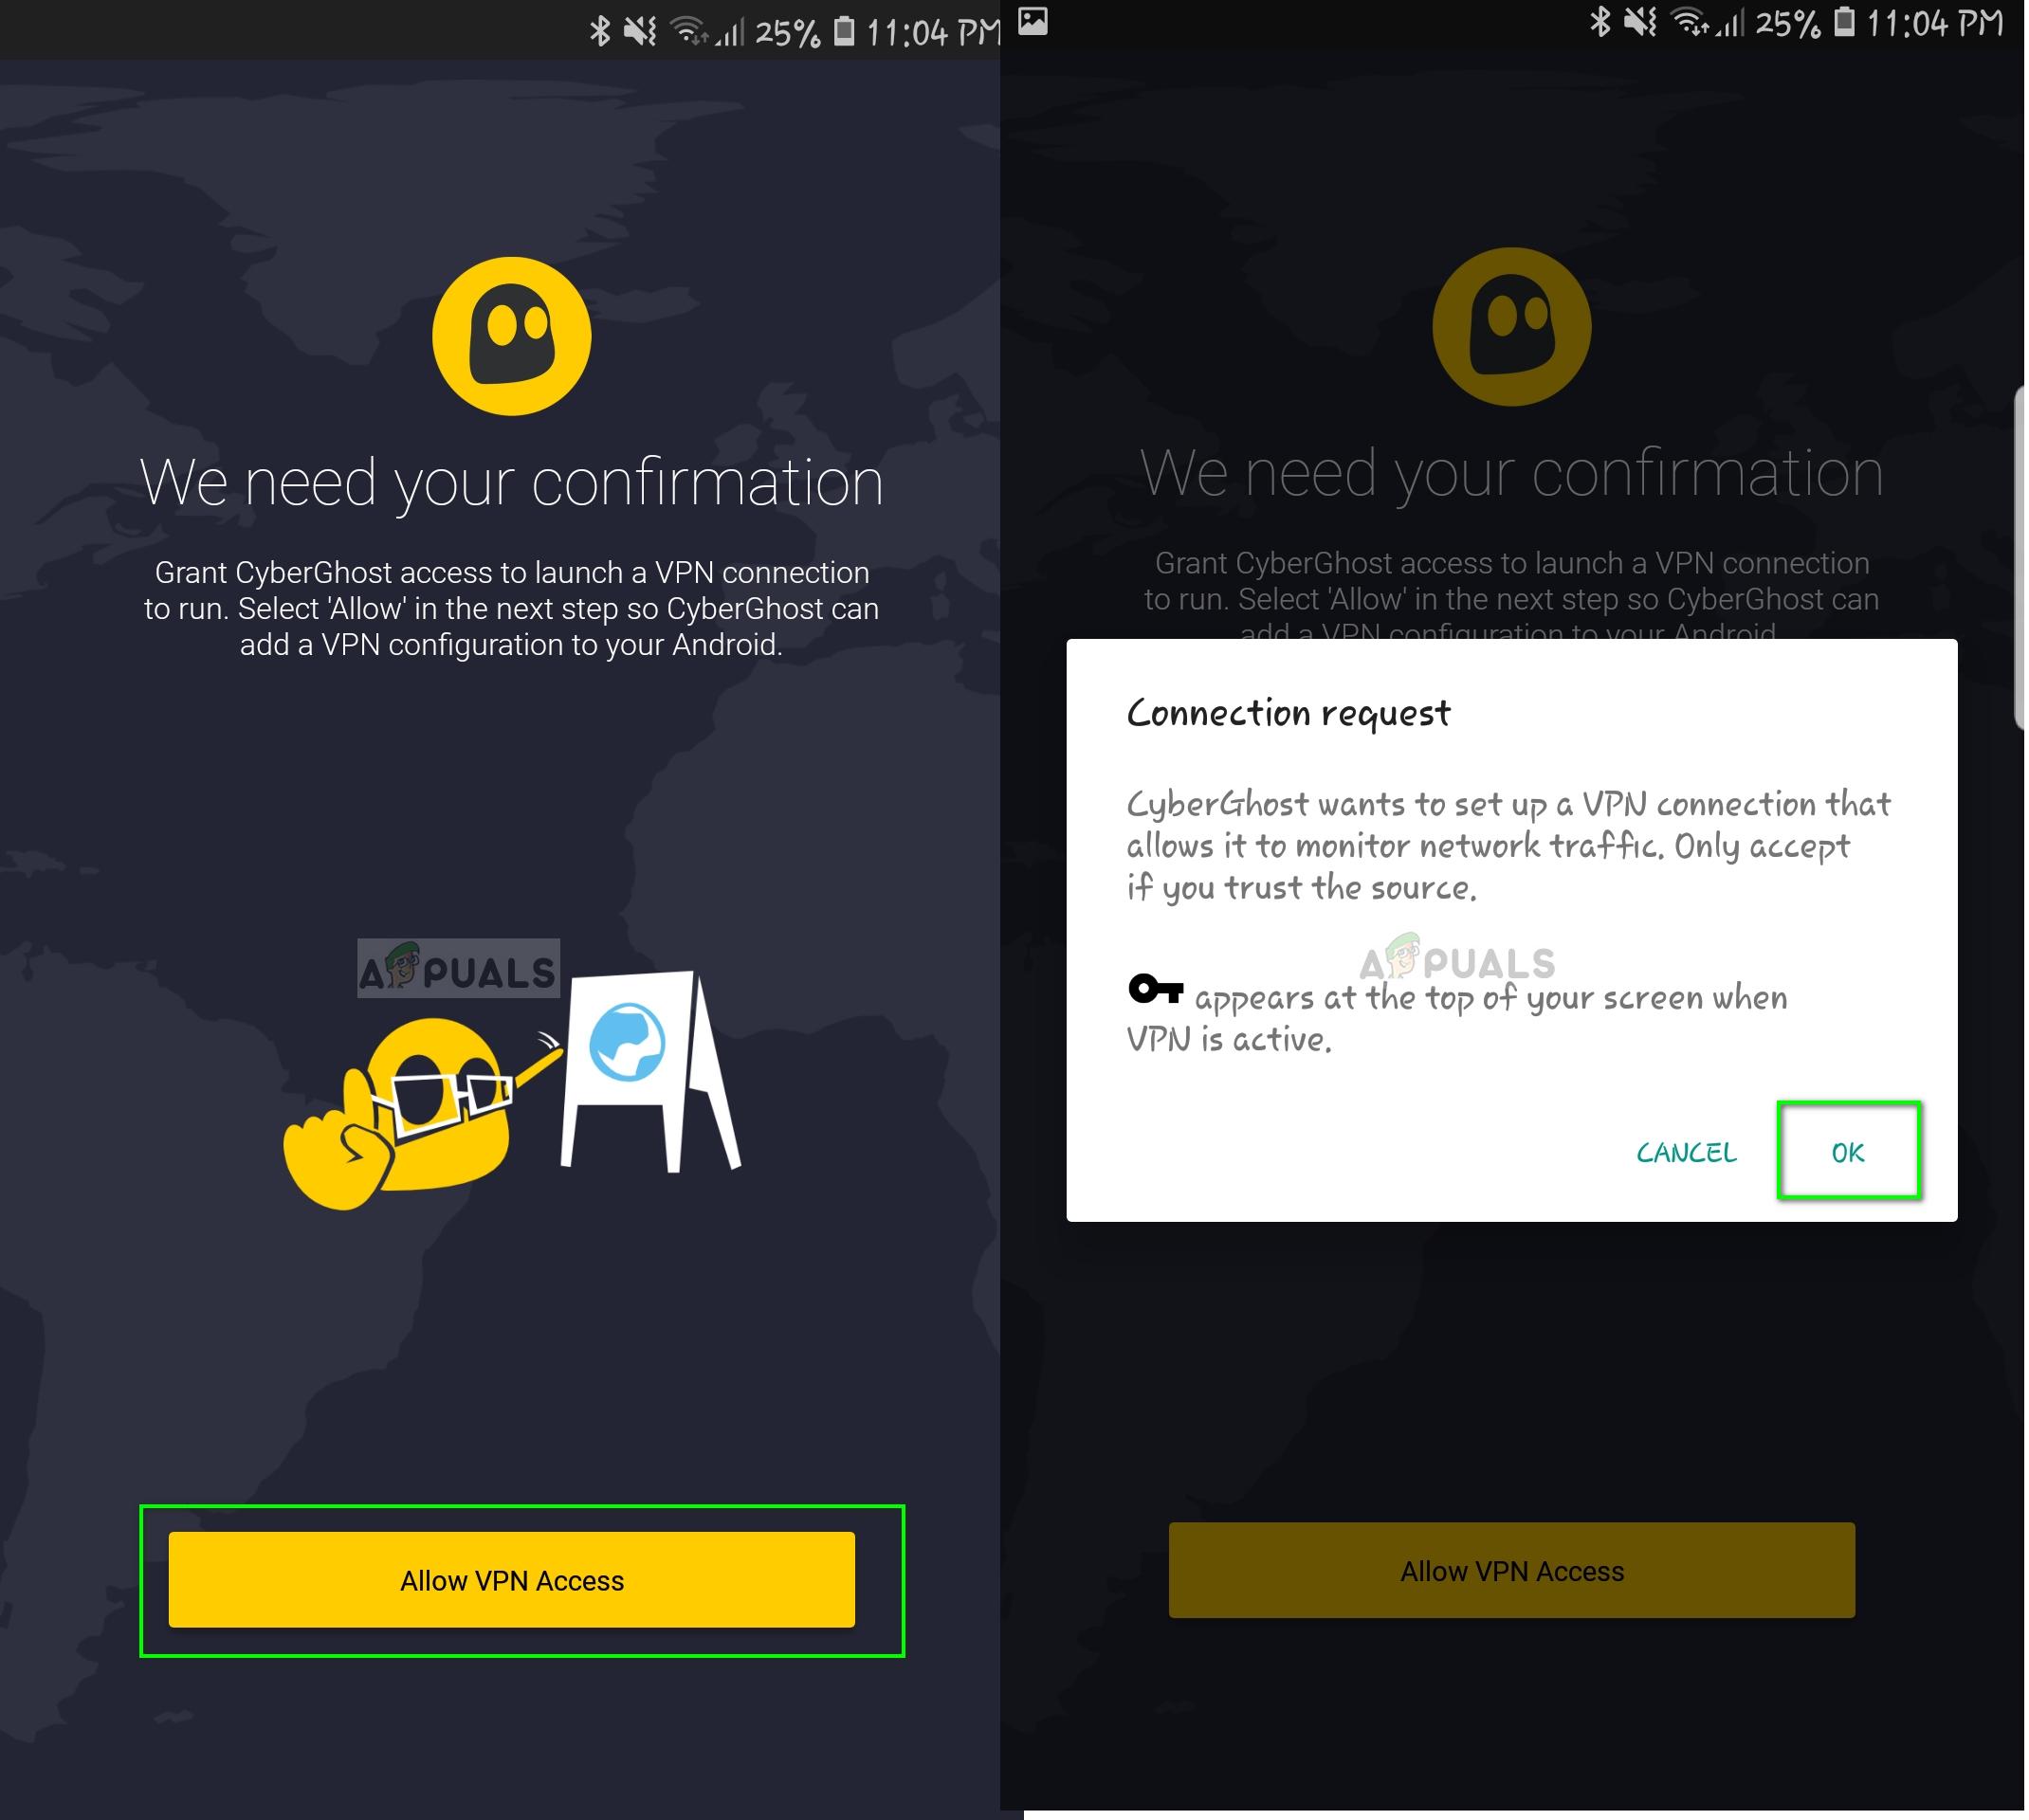 Enabling VPN access for CyberGhost